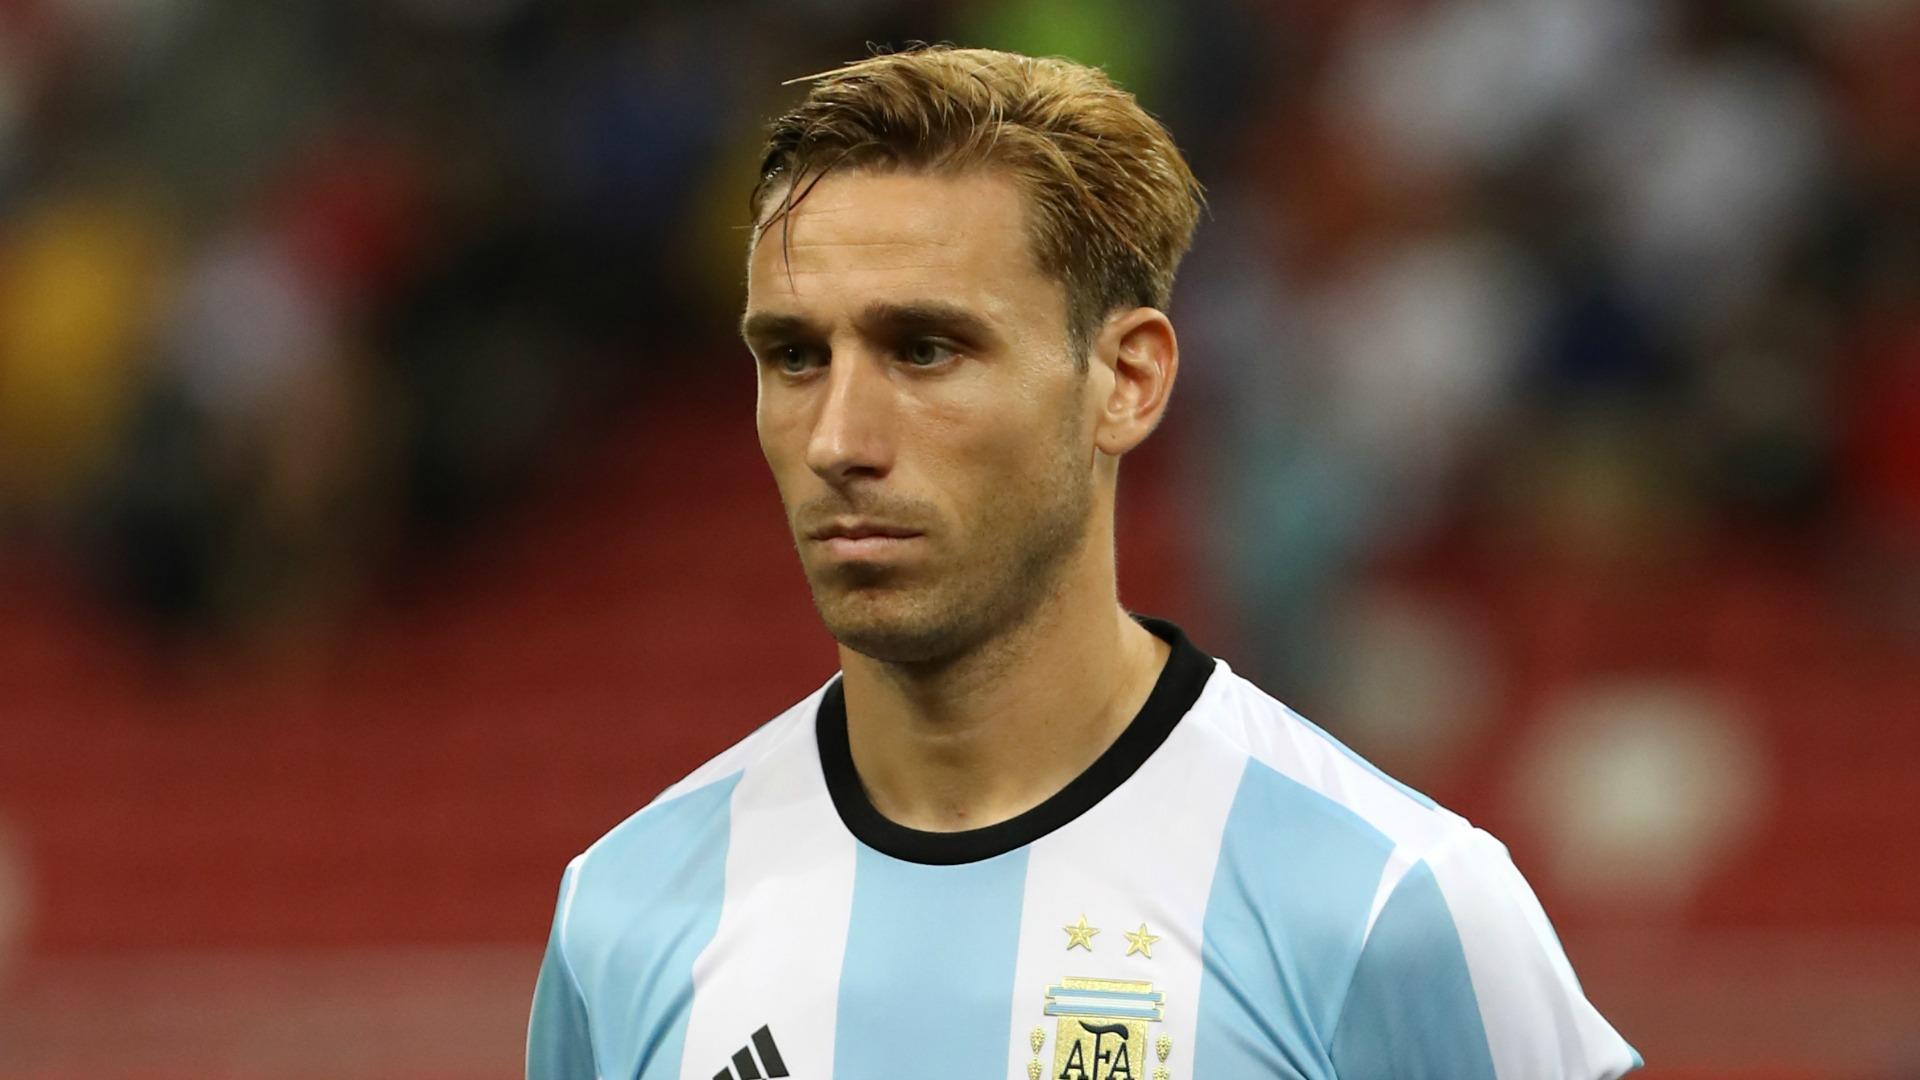 Leo Messi se convirtió en el goleador histórico de las Eliminatorias Sudamericanas